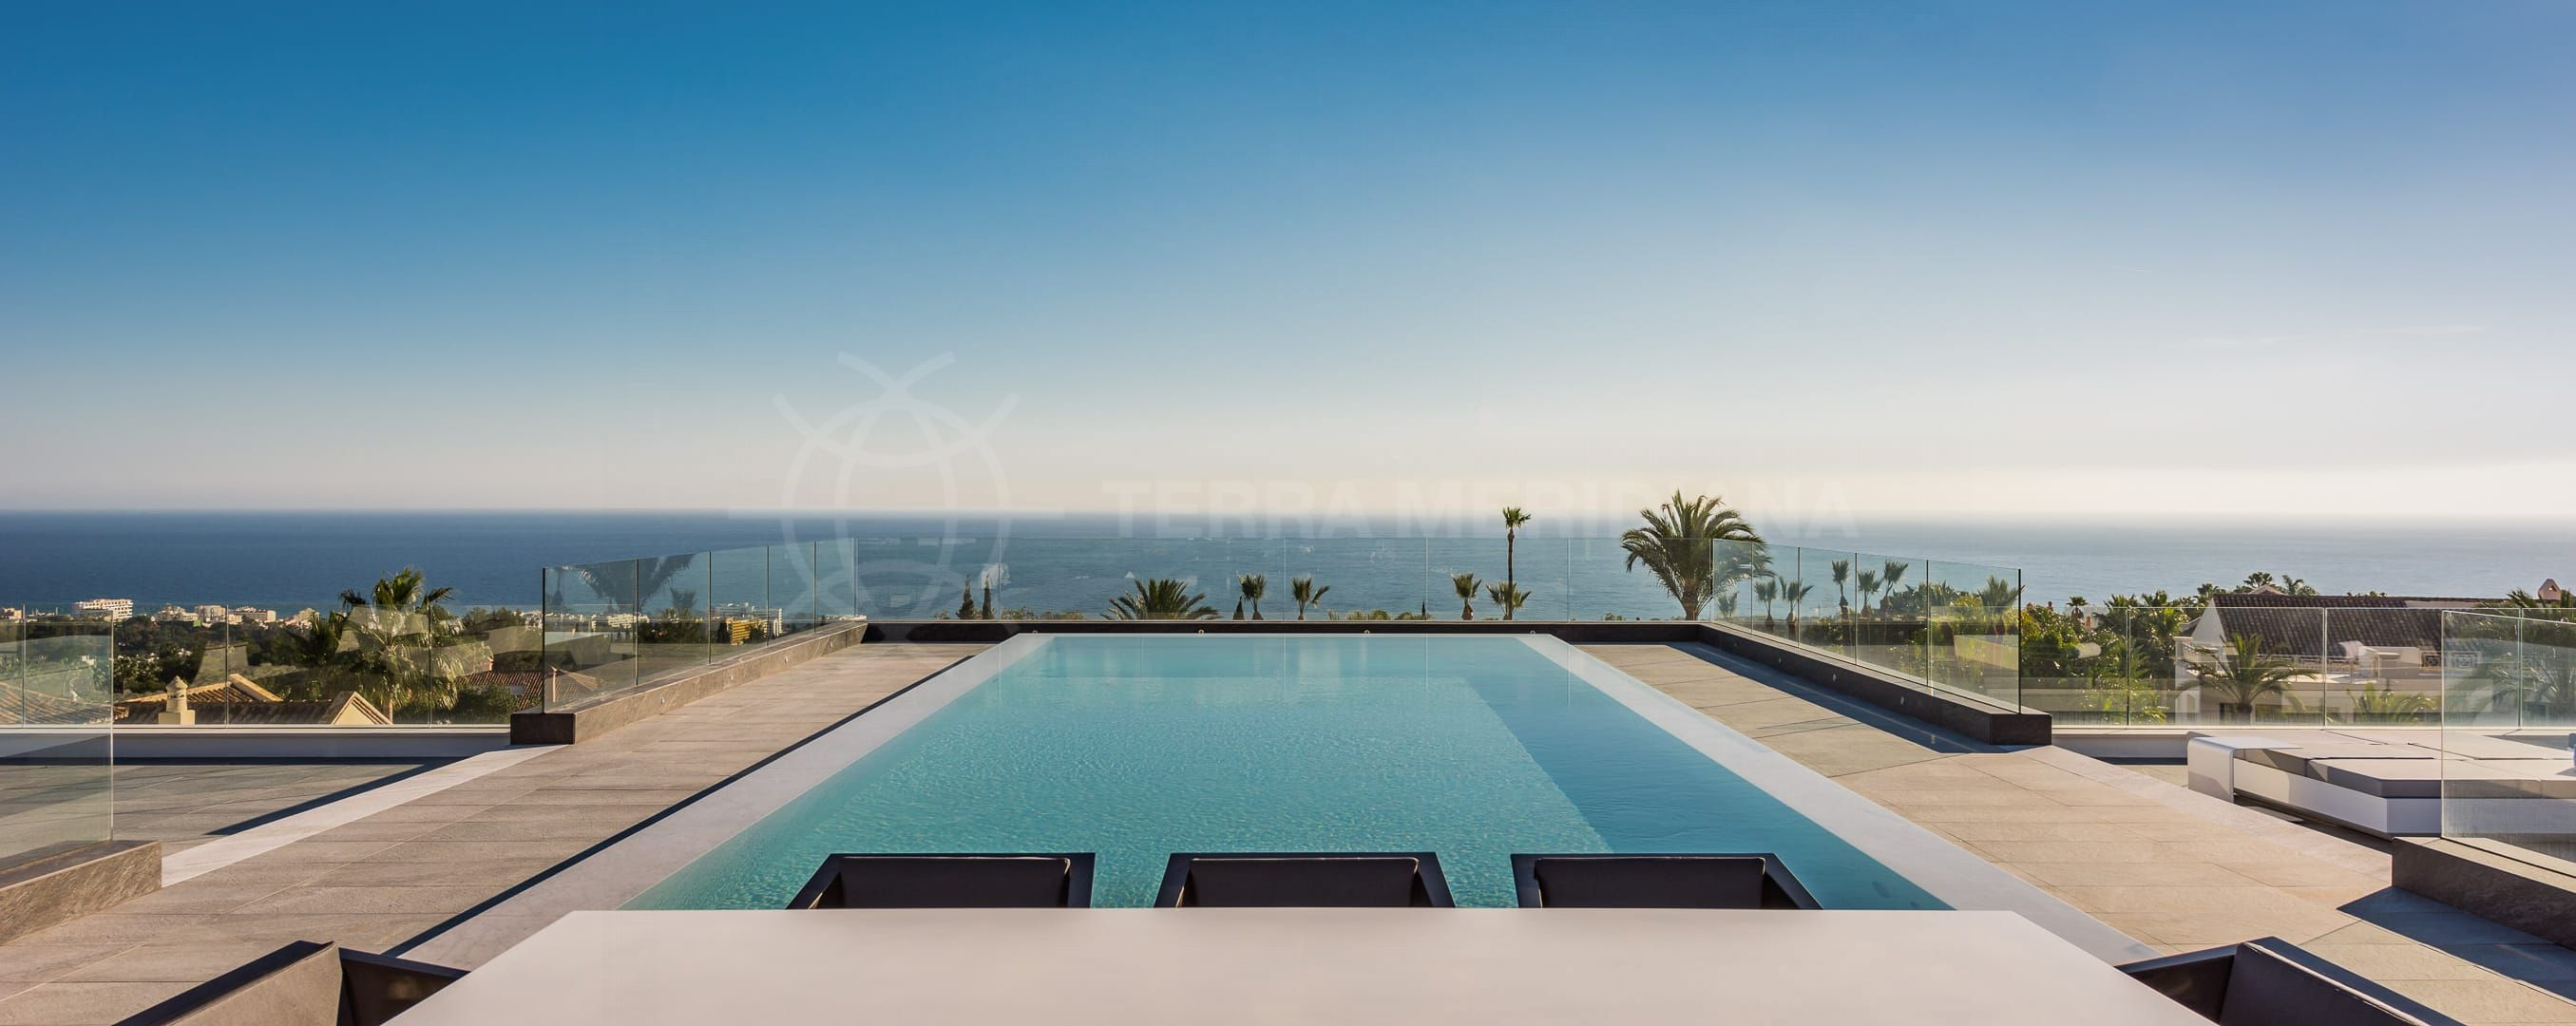 Comprar una propiedad en España a través de una empresa o no